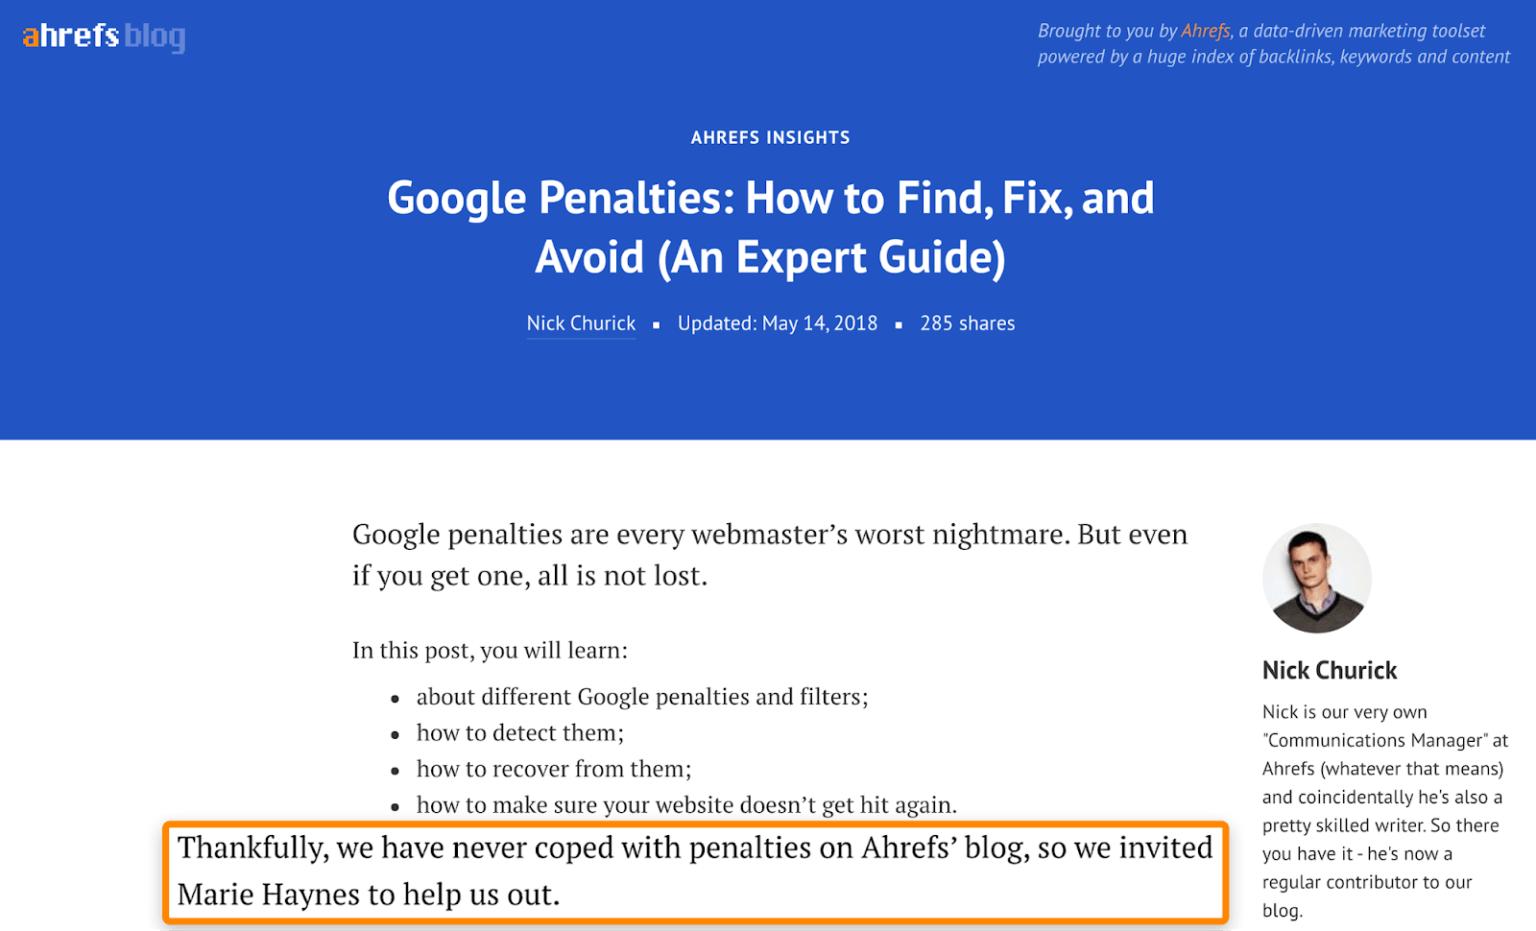 پست مهمان و جلوگیری از پنالتی گوگل